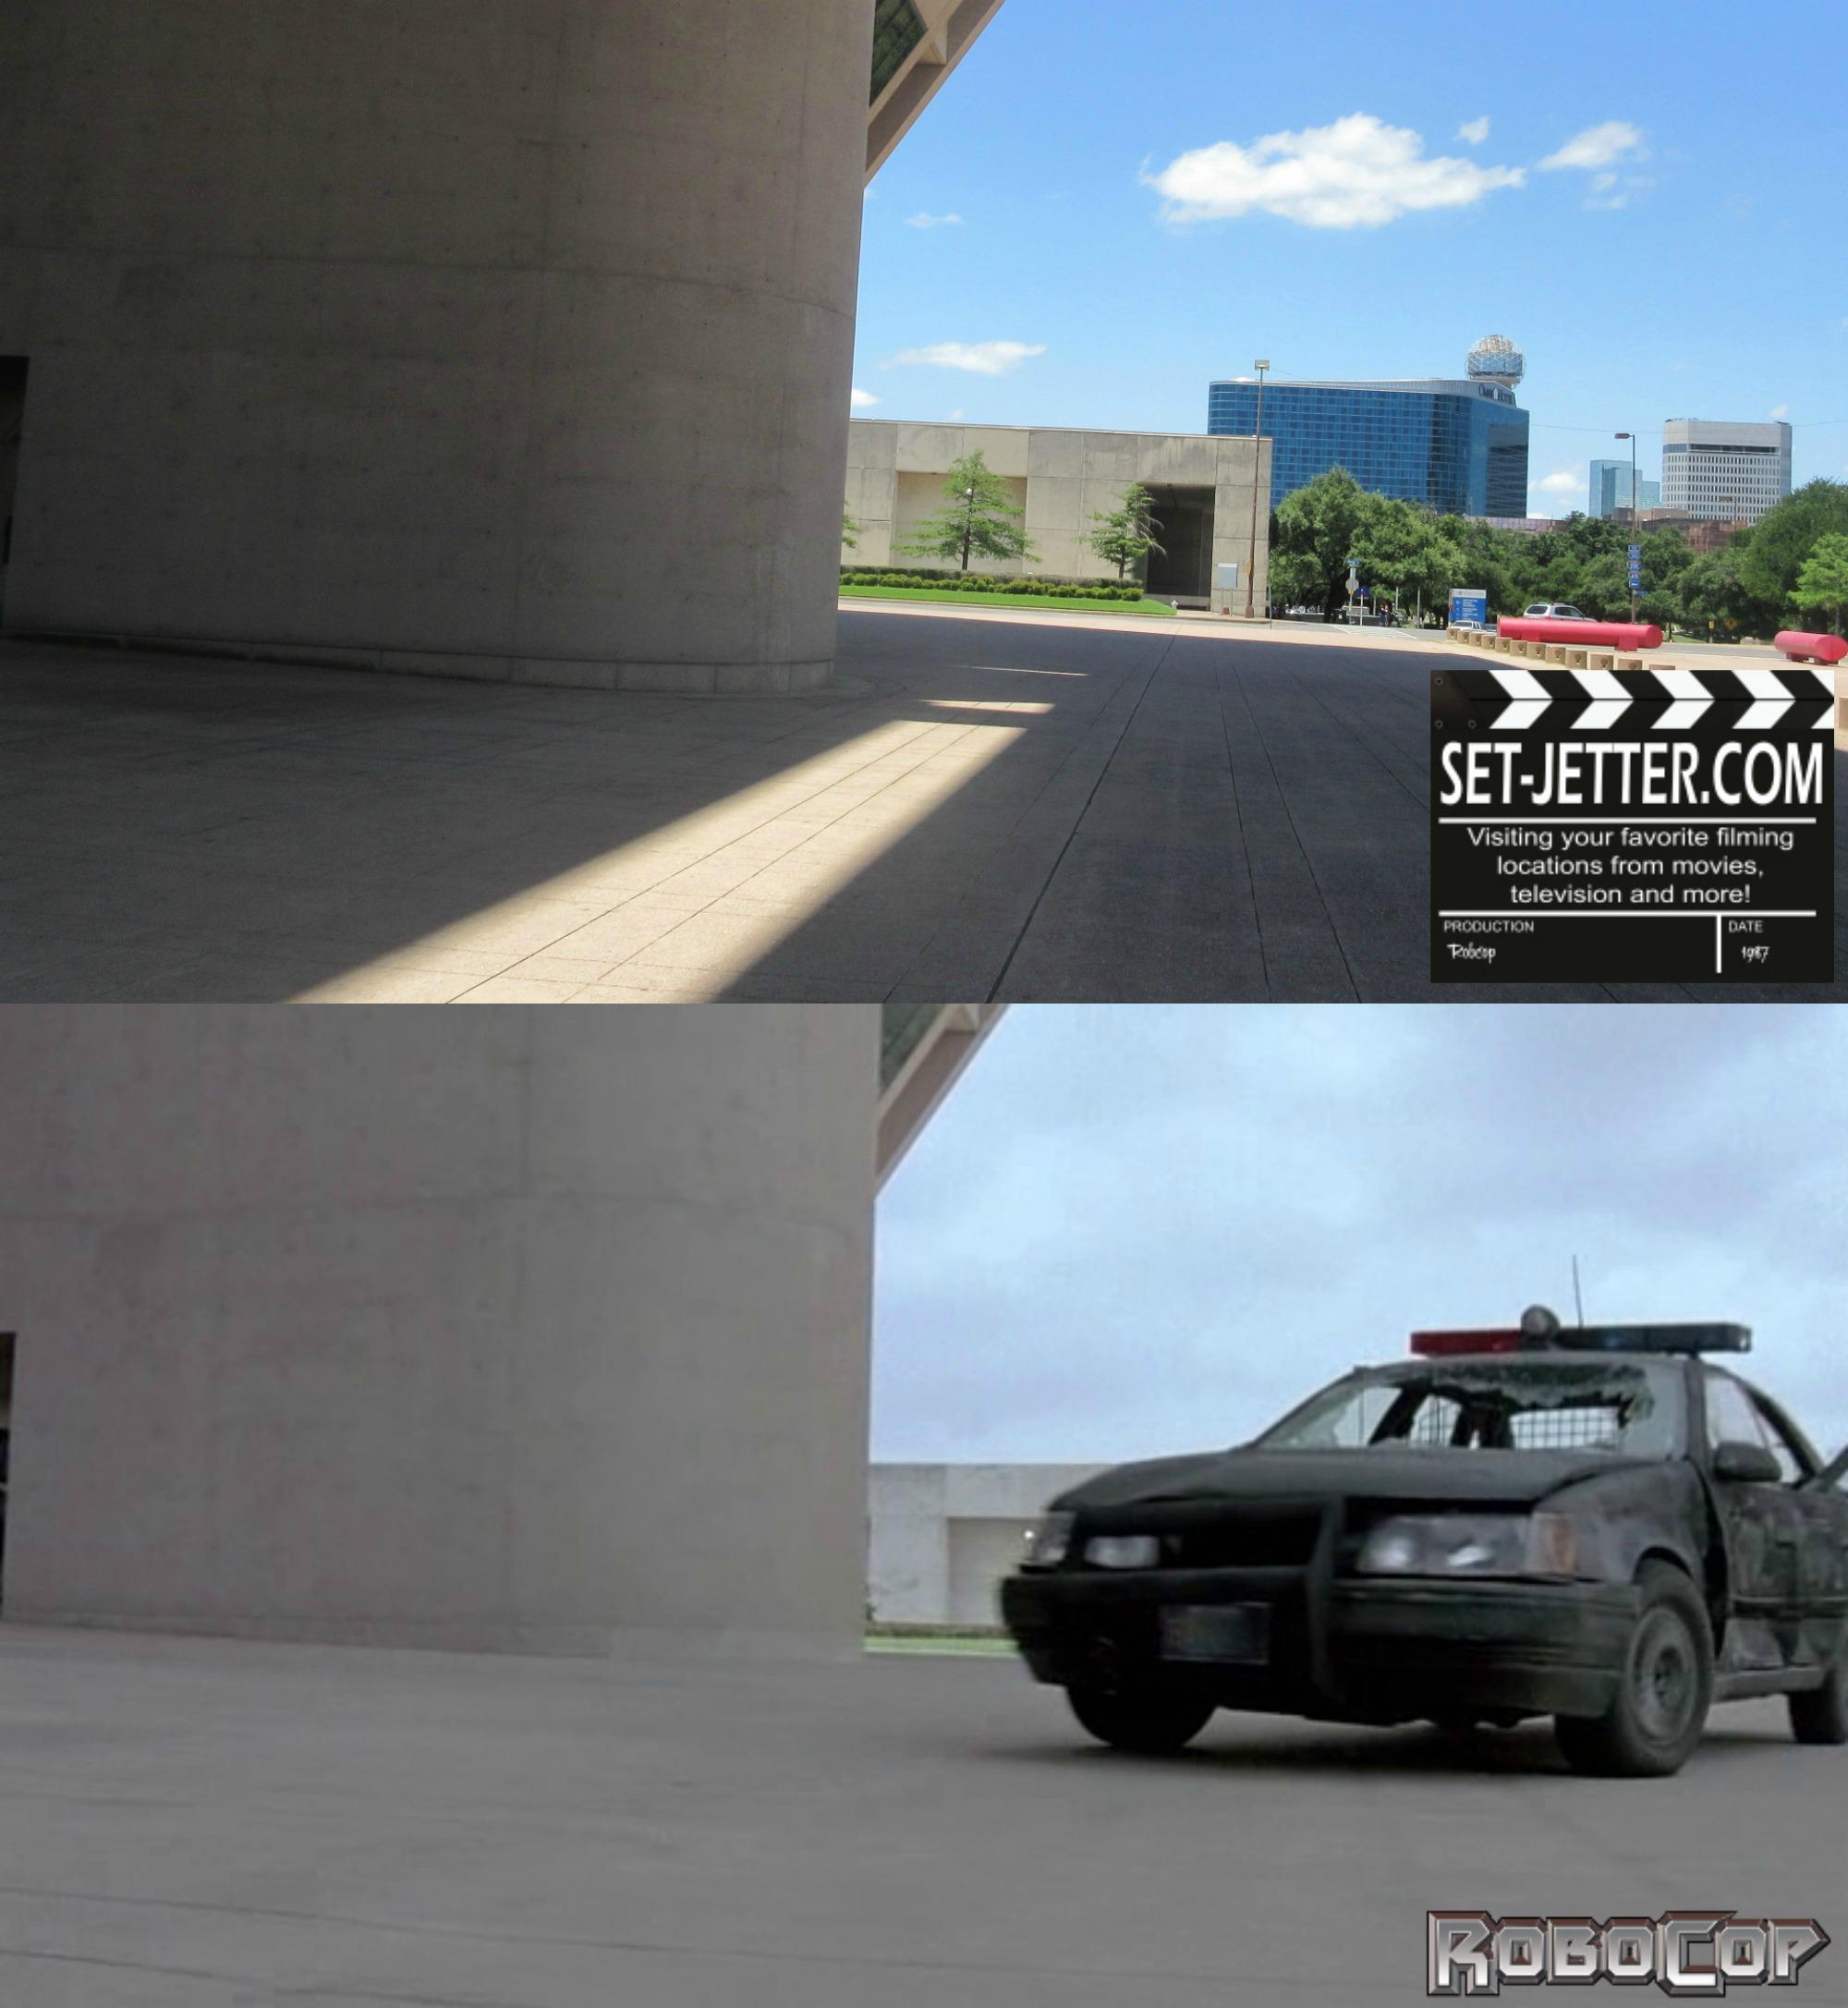 Robocop comparison 155.jpg